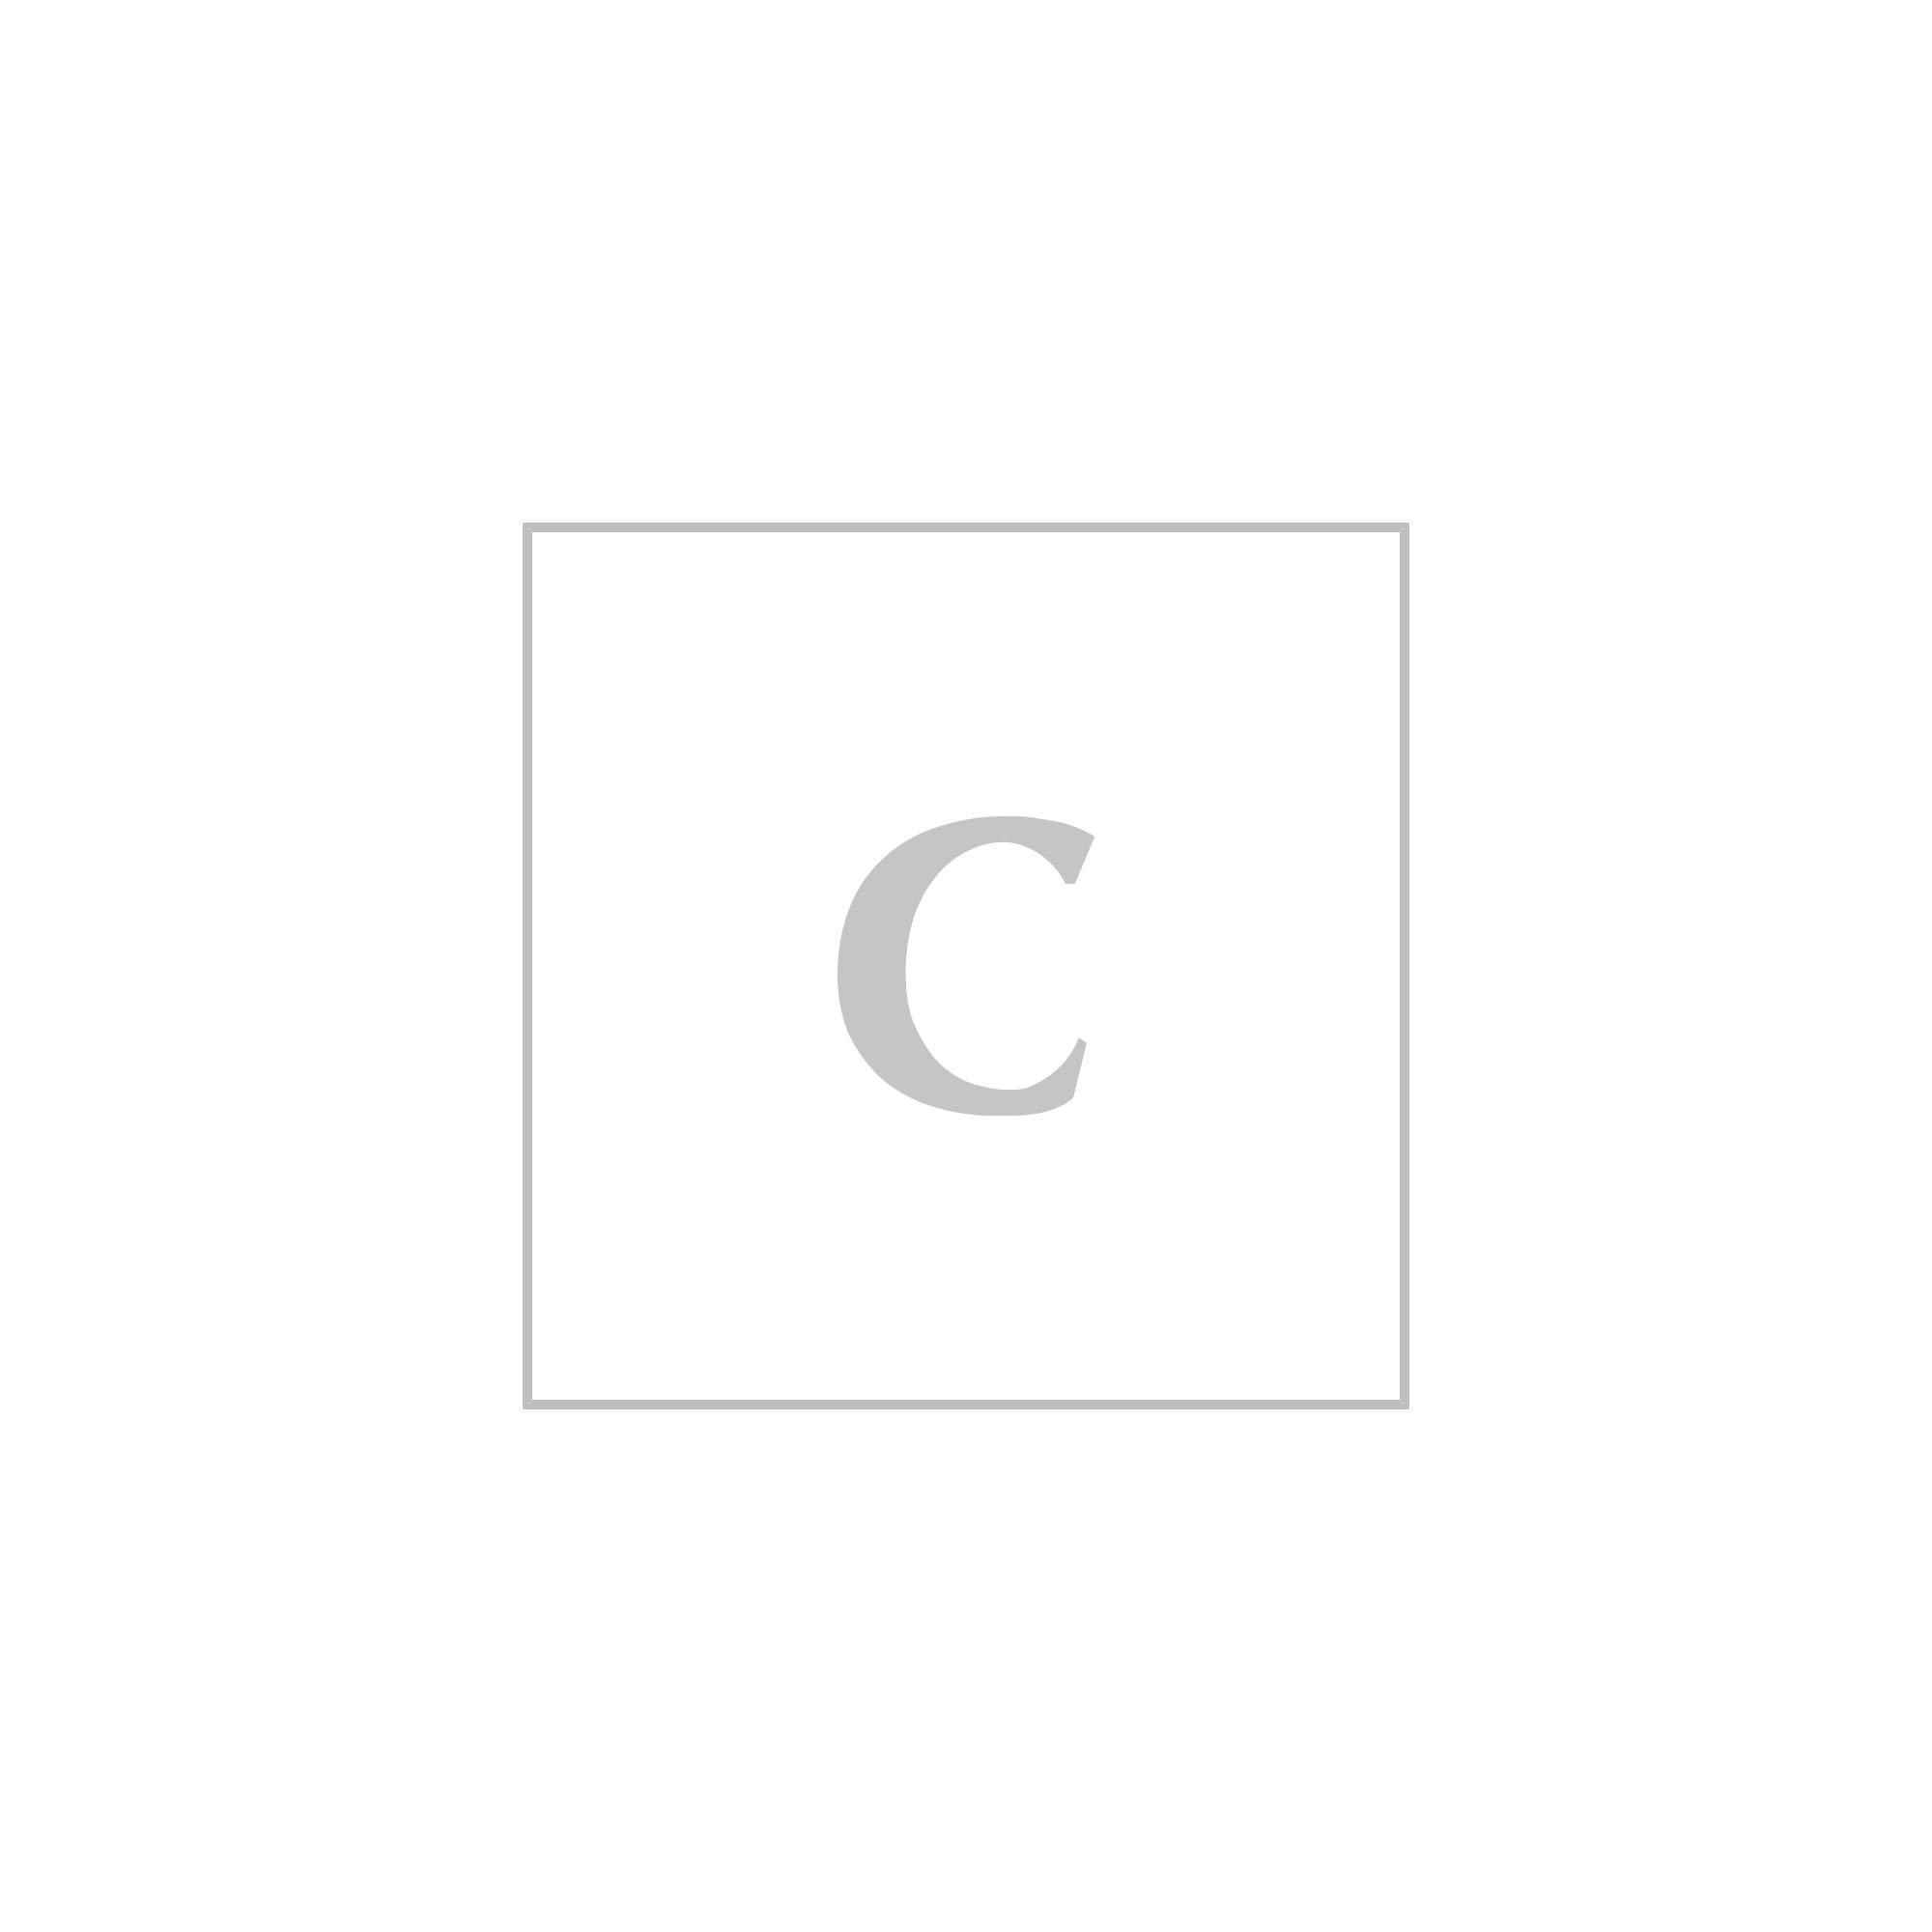 Prada double cashgora coat